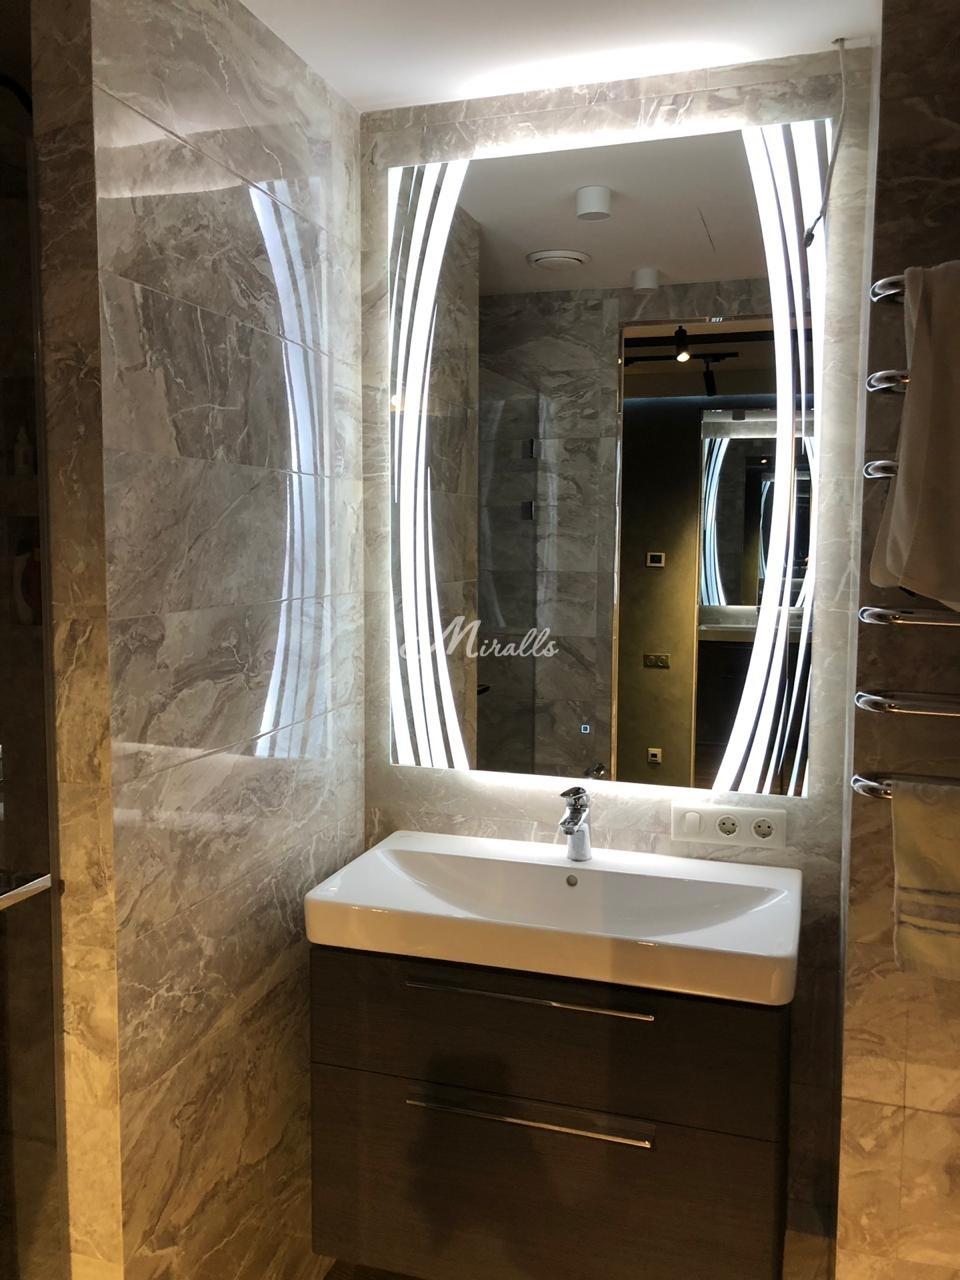 Зеркало Anastasia в ванной комнате частной квартиры (ЖК Ясный)